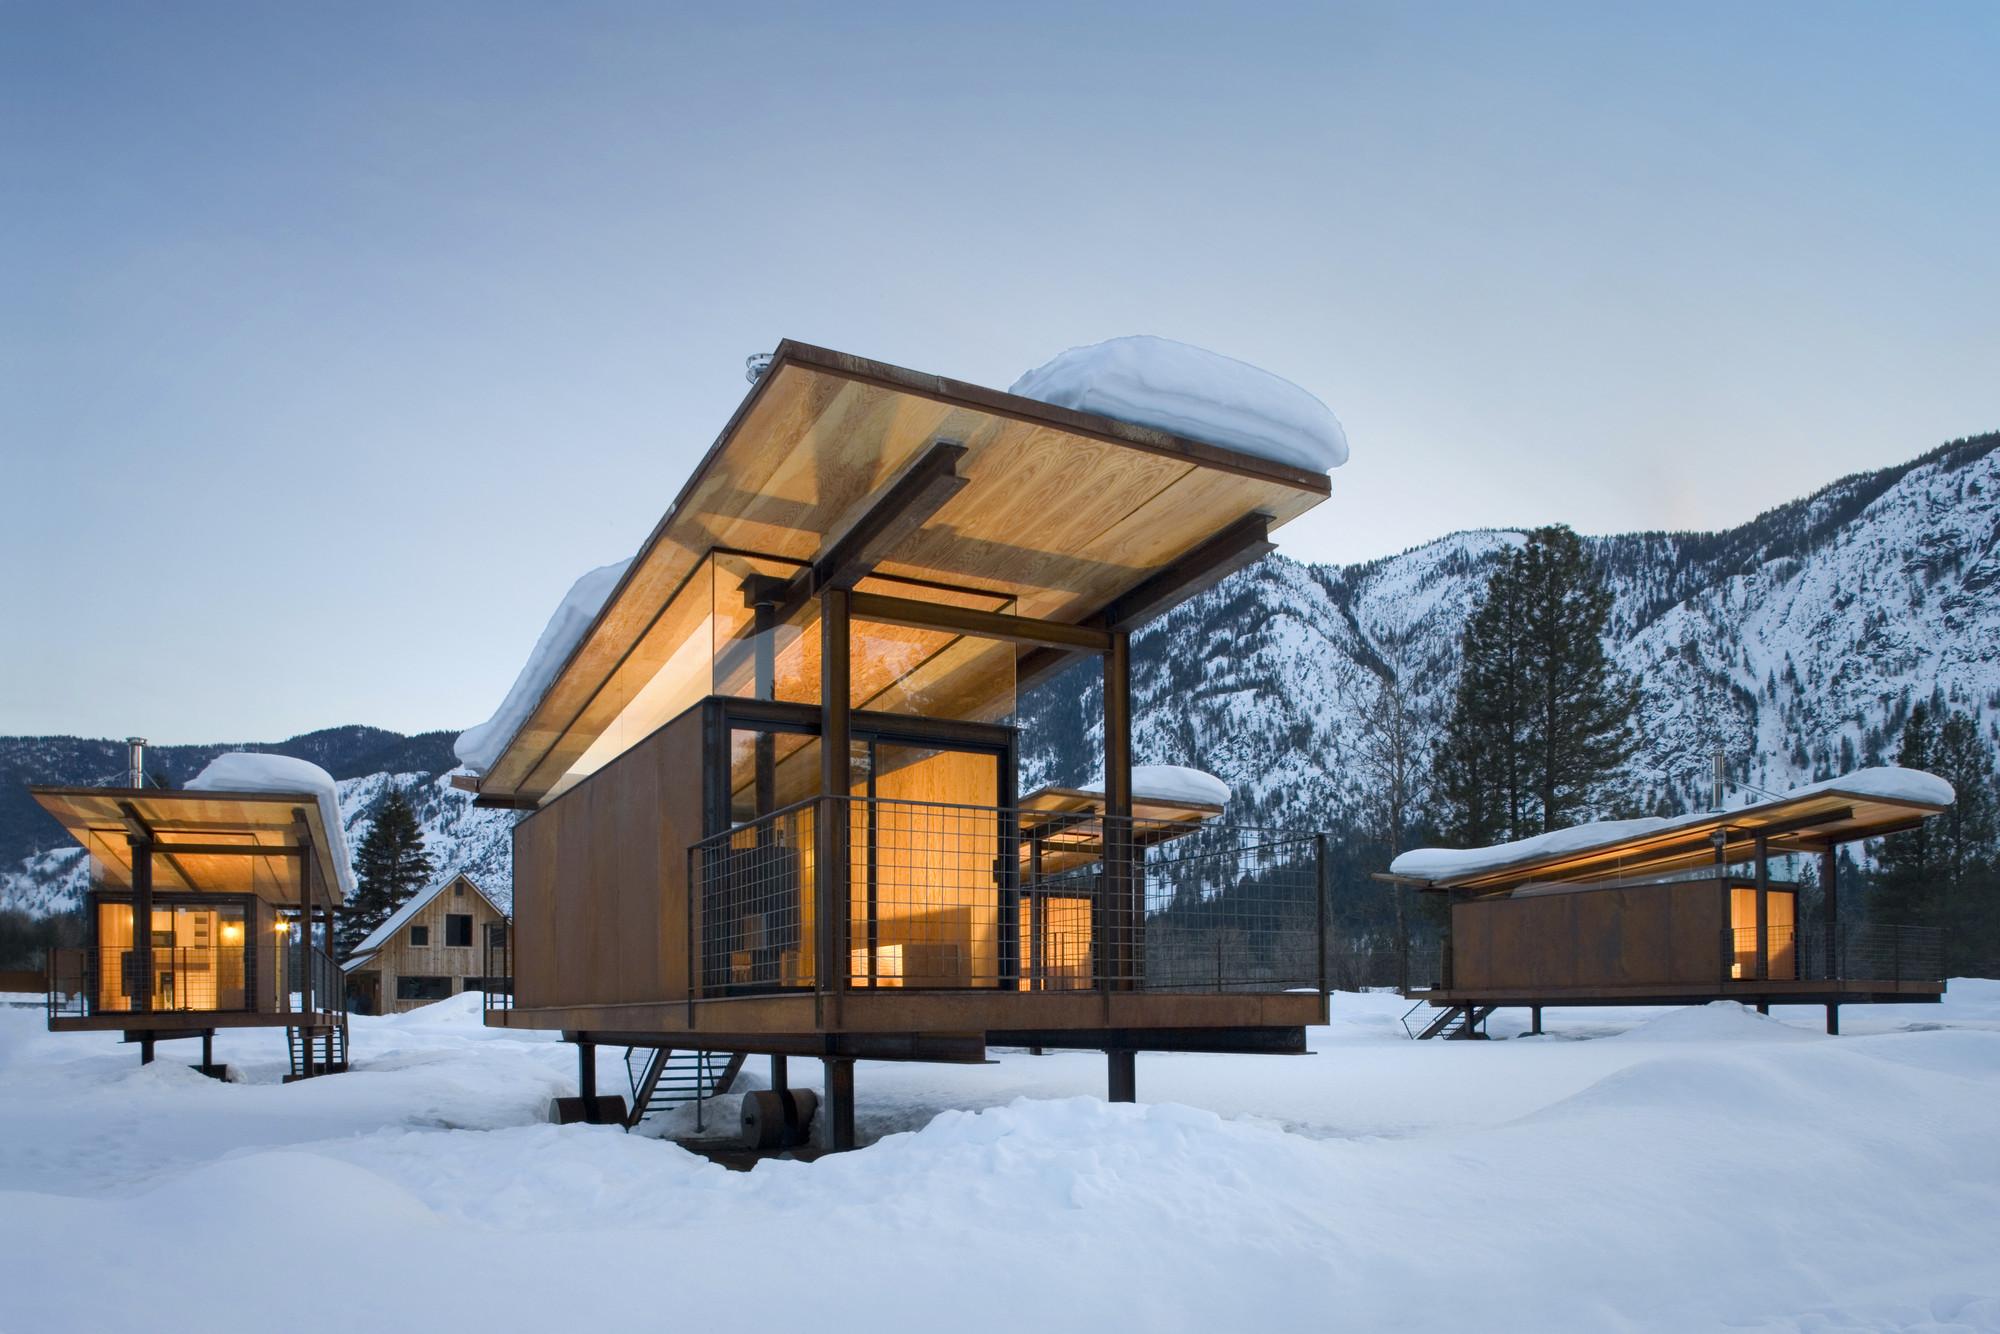 Rolling Huts, Mazama, WA © Tim Bies